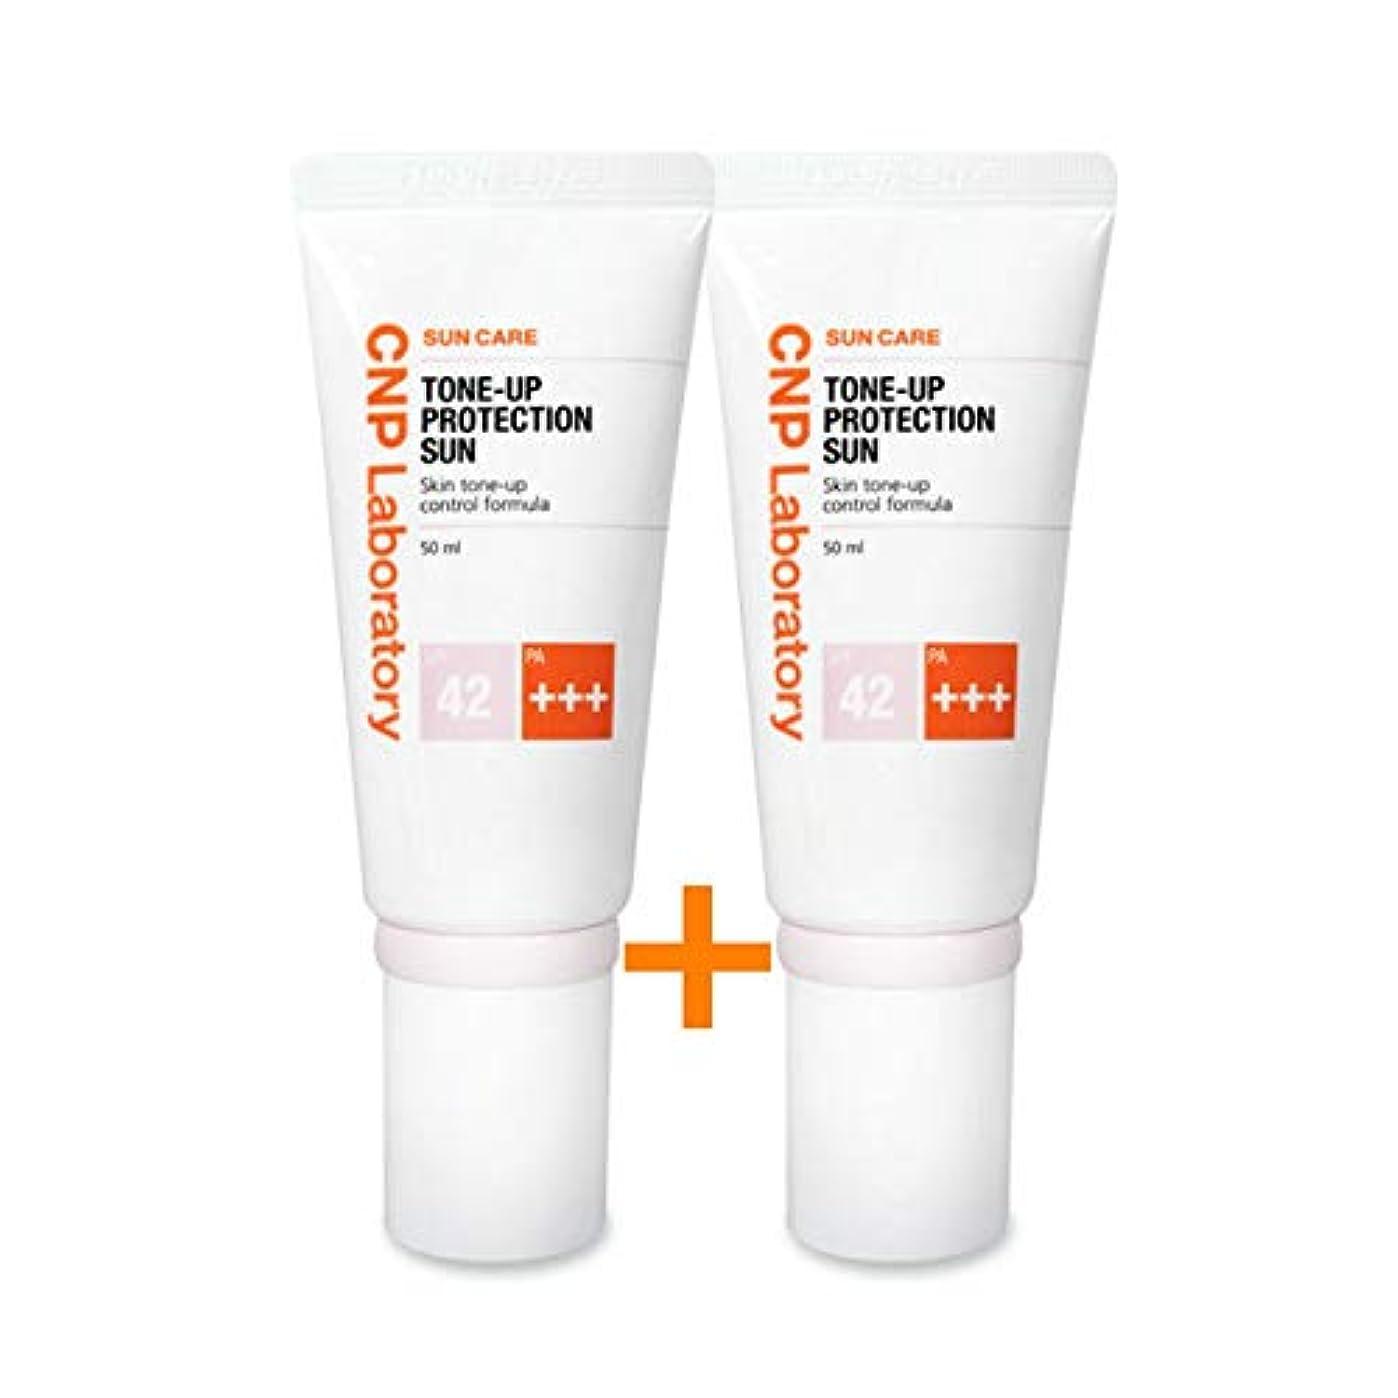 許可するアラブサラボアジテーション[ 1 + 1 ] CNPトンオププロテクションサン?クリーム紫外線遮断剤 (SPF42 / PA+++) 50ml、CNP Tone-up Protection Sun Cream (SPF42 / PA+++) 50ml 韓国日焼け止め